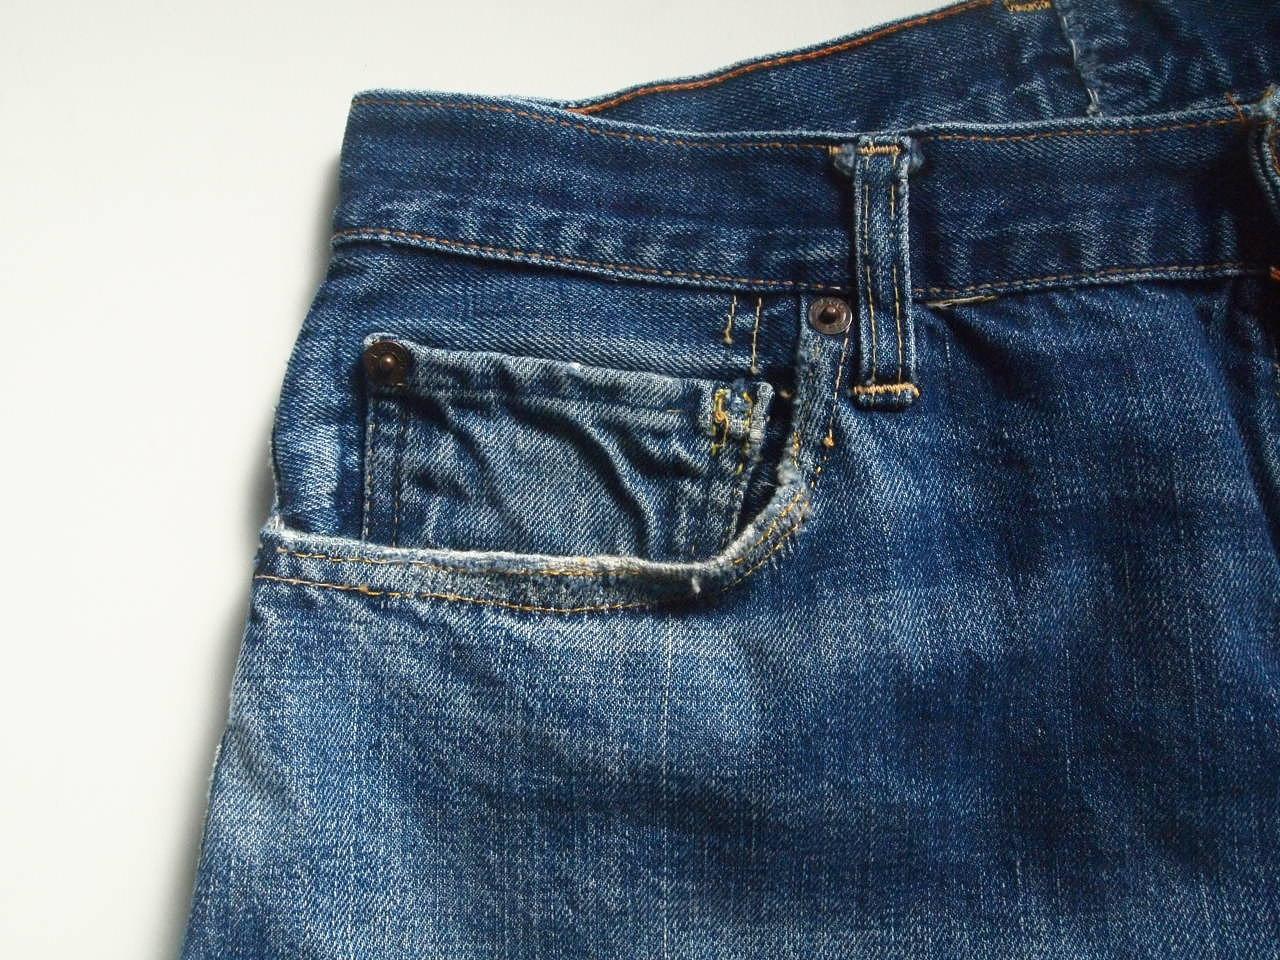 ヴィンテージリーバイスビッグEのコインポケット